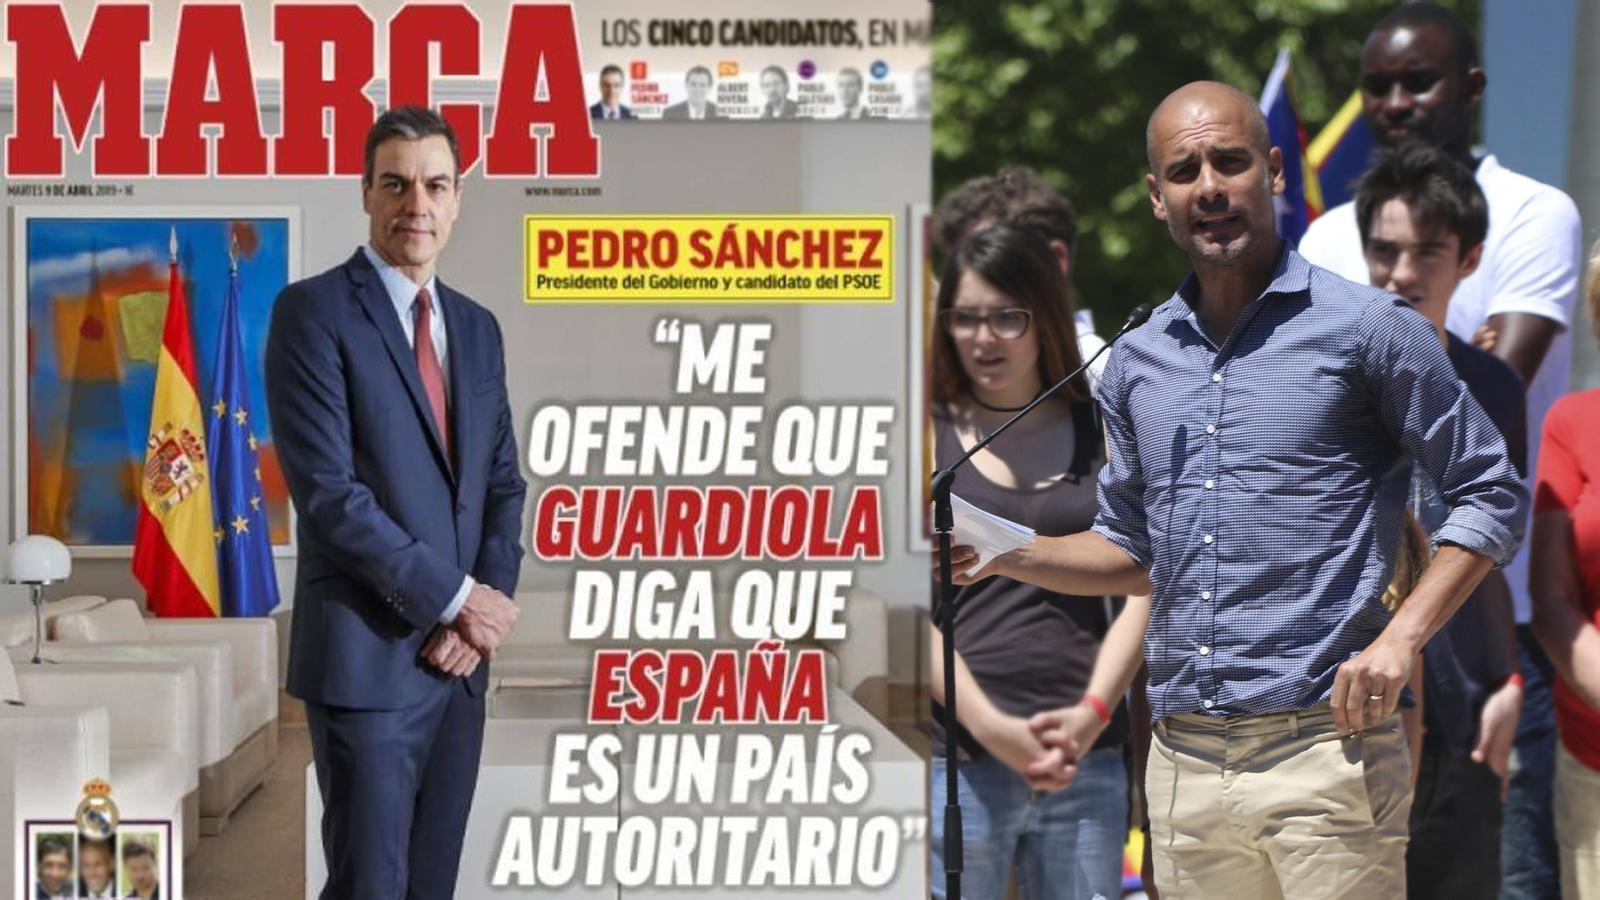 L'anàlisi d'Antoni Bassas: 'La policia patriòtica delinqueix però a Sánchez l'ofèn el que va dir Guardiola el 2017'